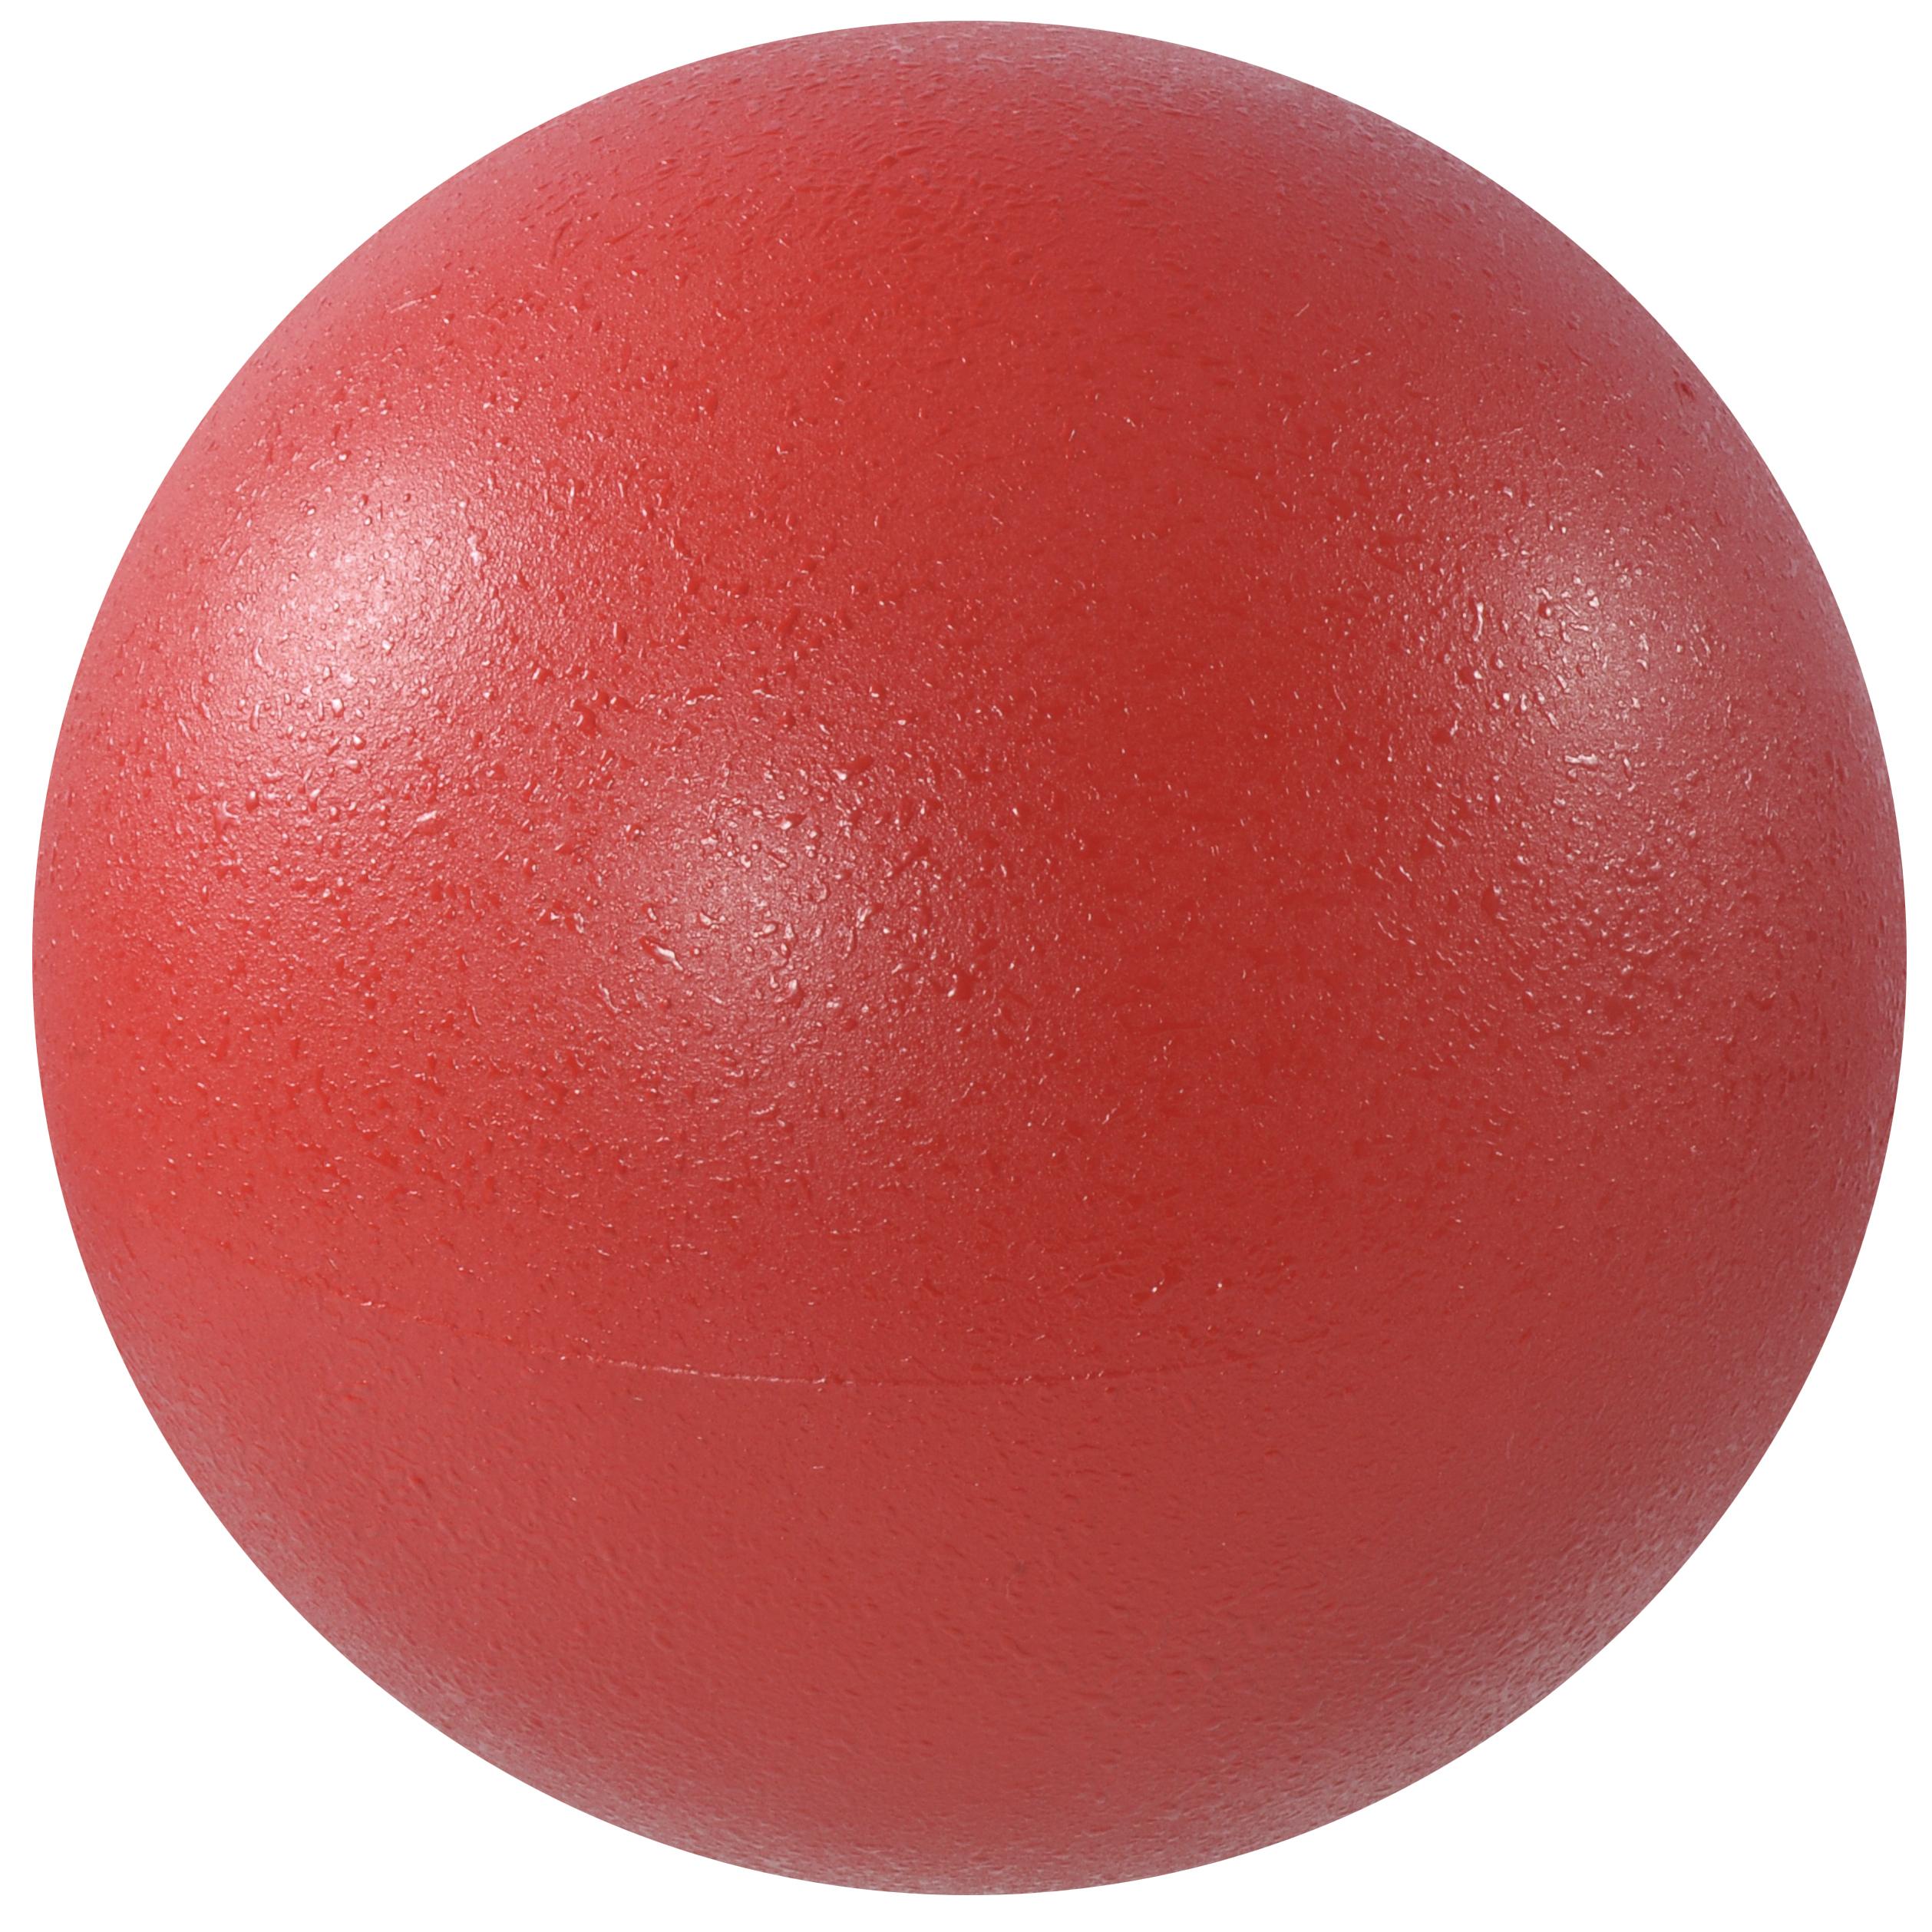 Elefantenhautball